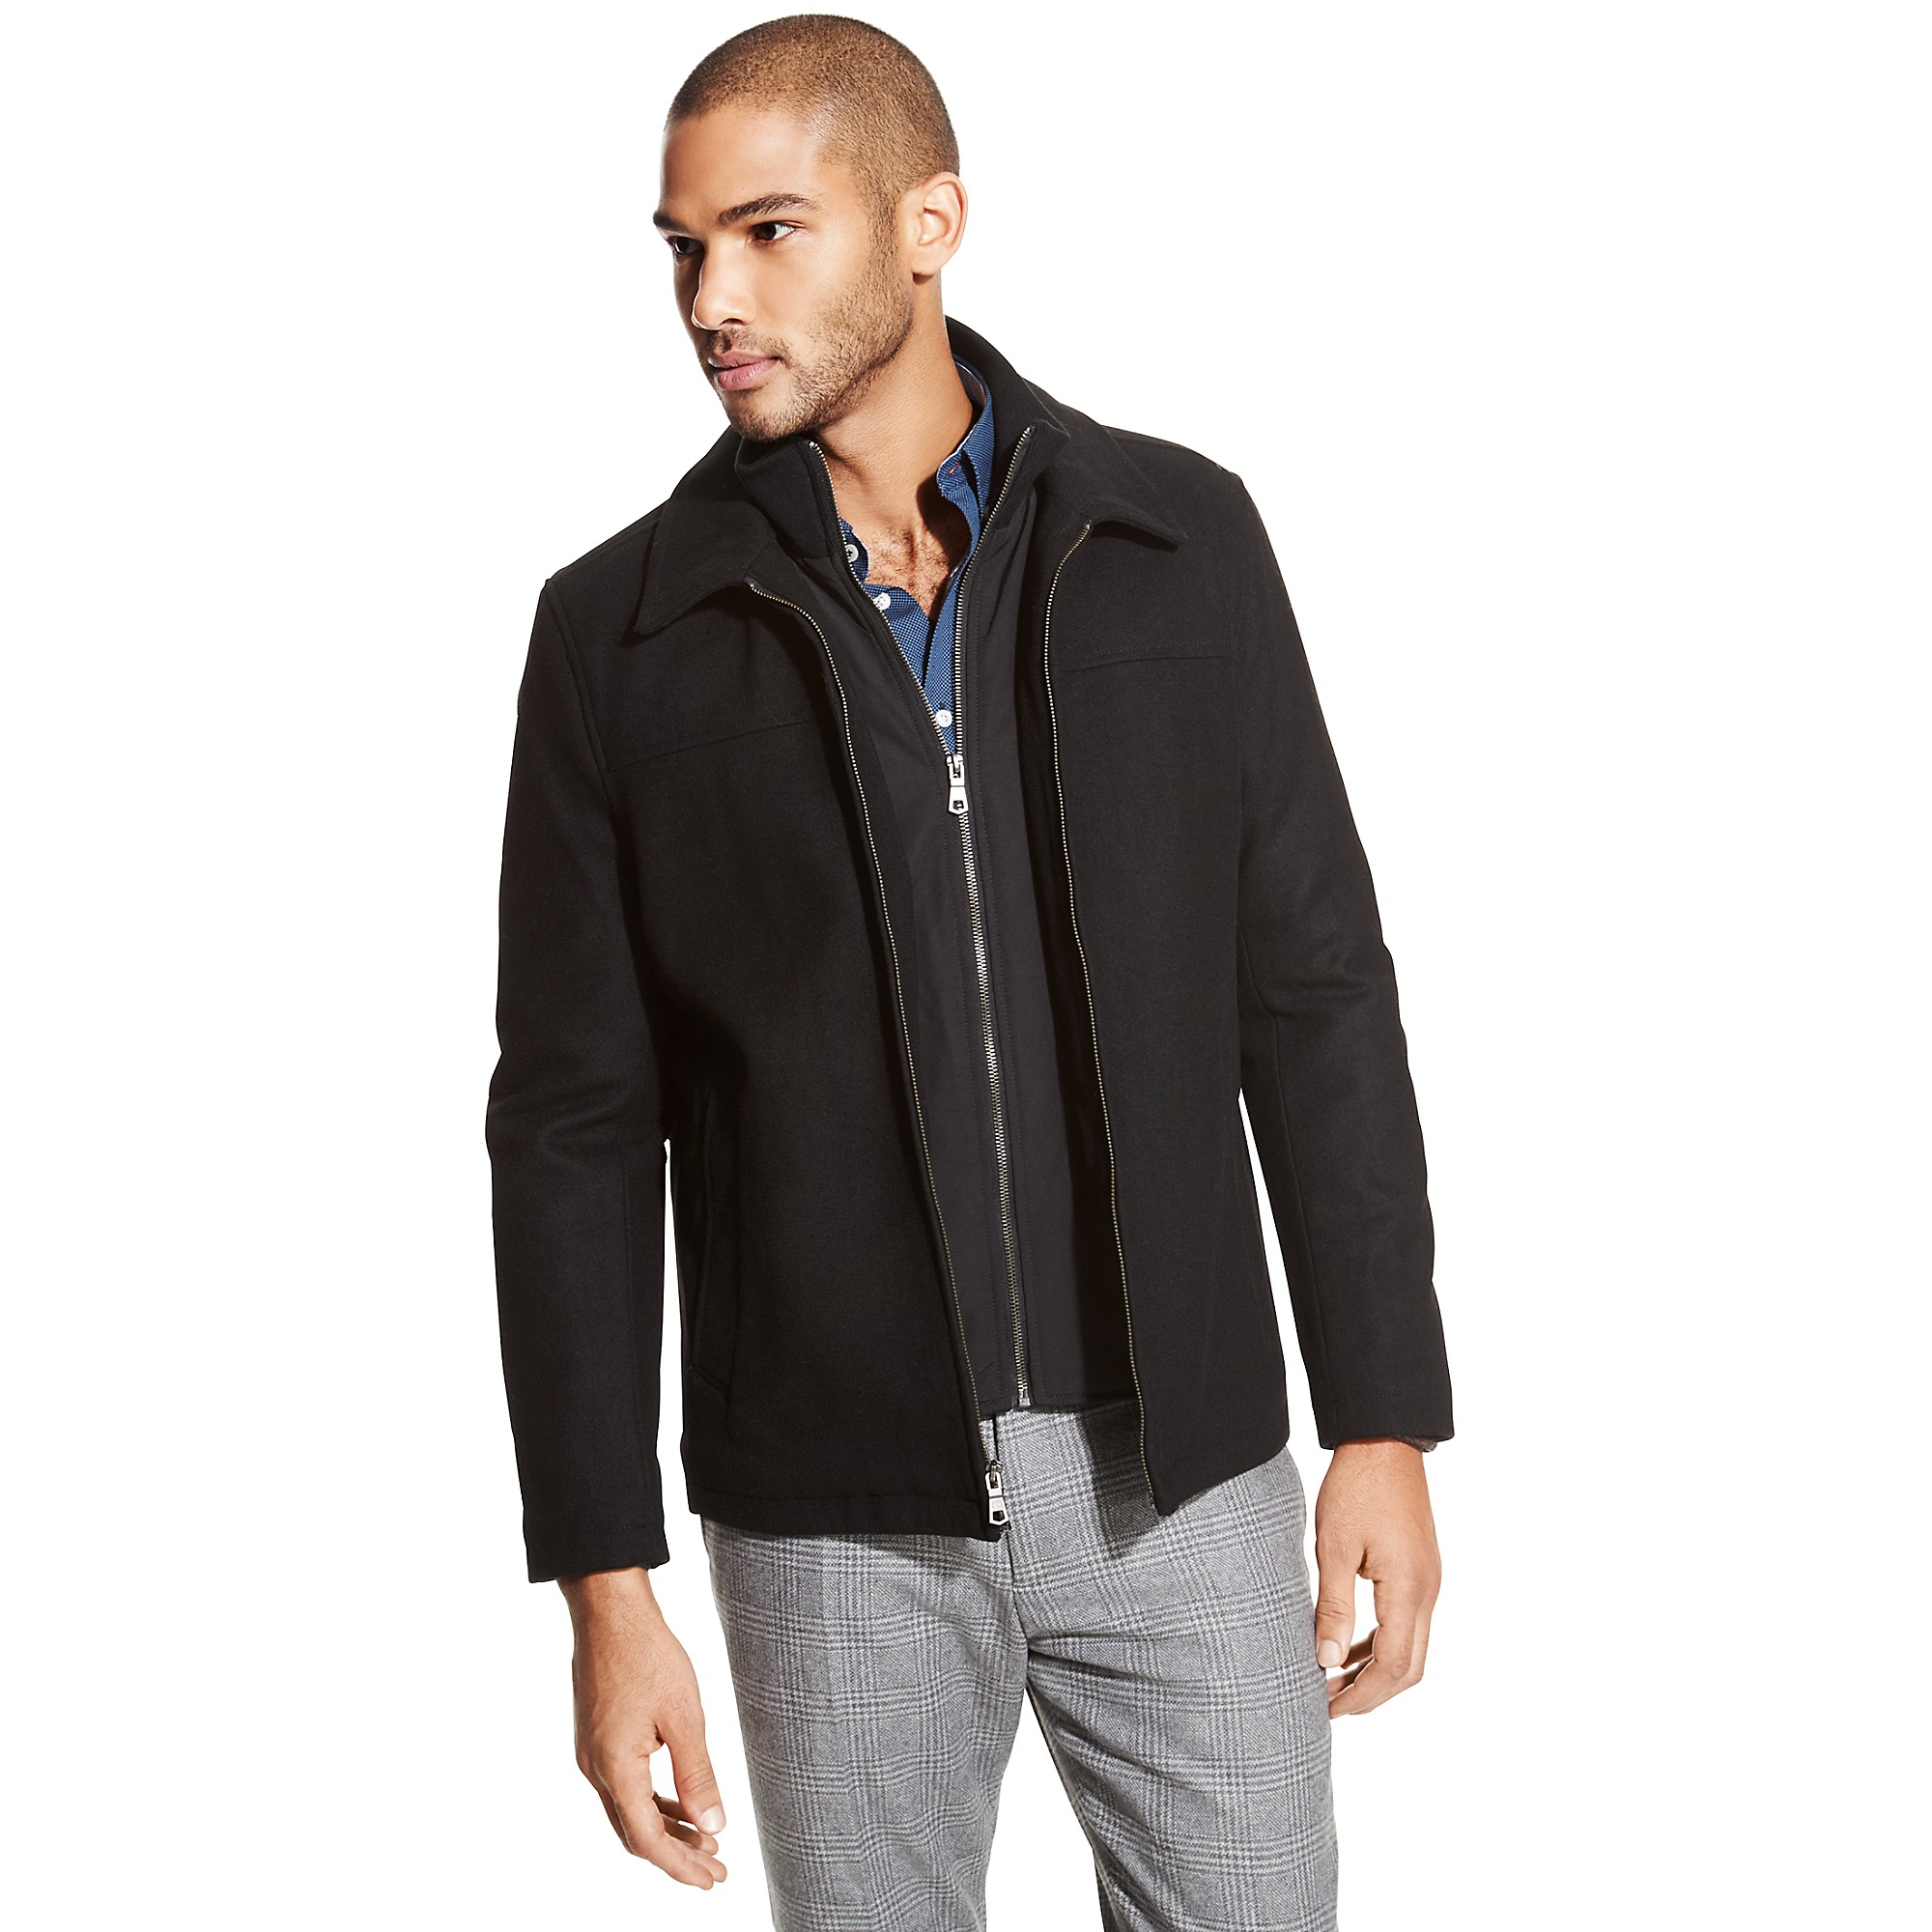 tommy hilfiger layered wool melton jacket in black for men lyst. Black Bedroom Furniture Sets. Home Design Ideas